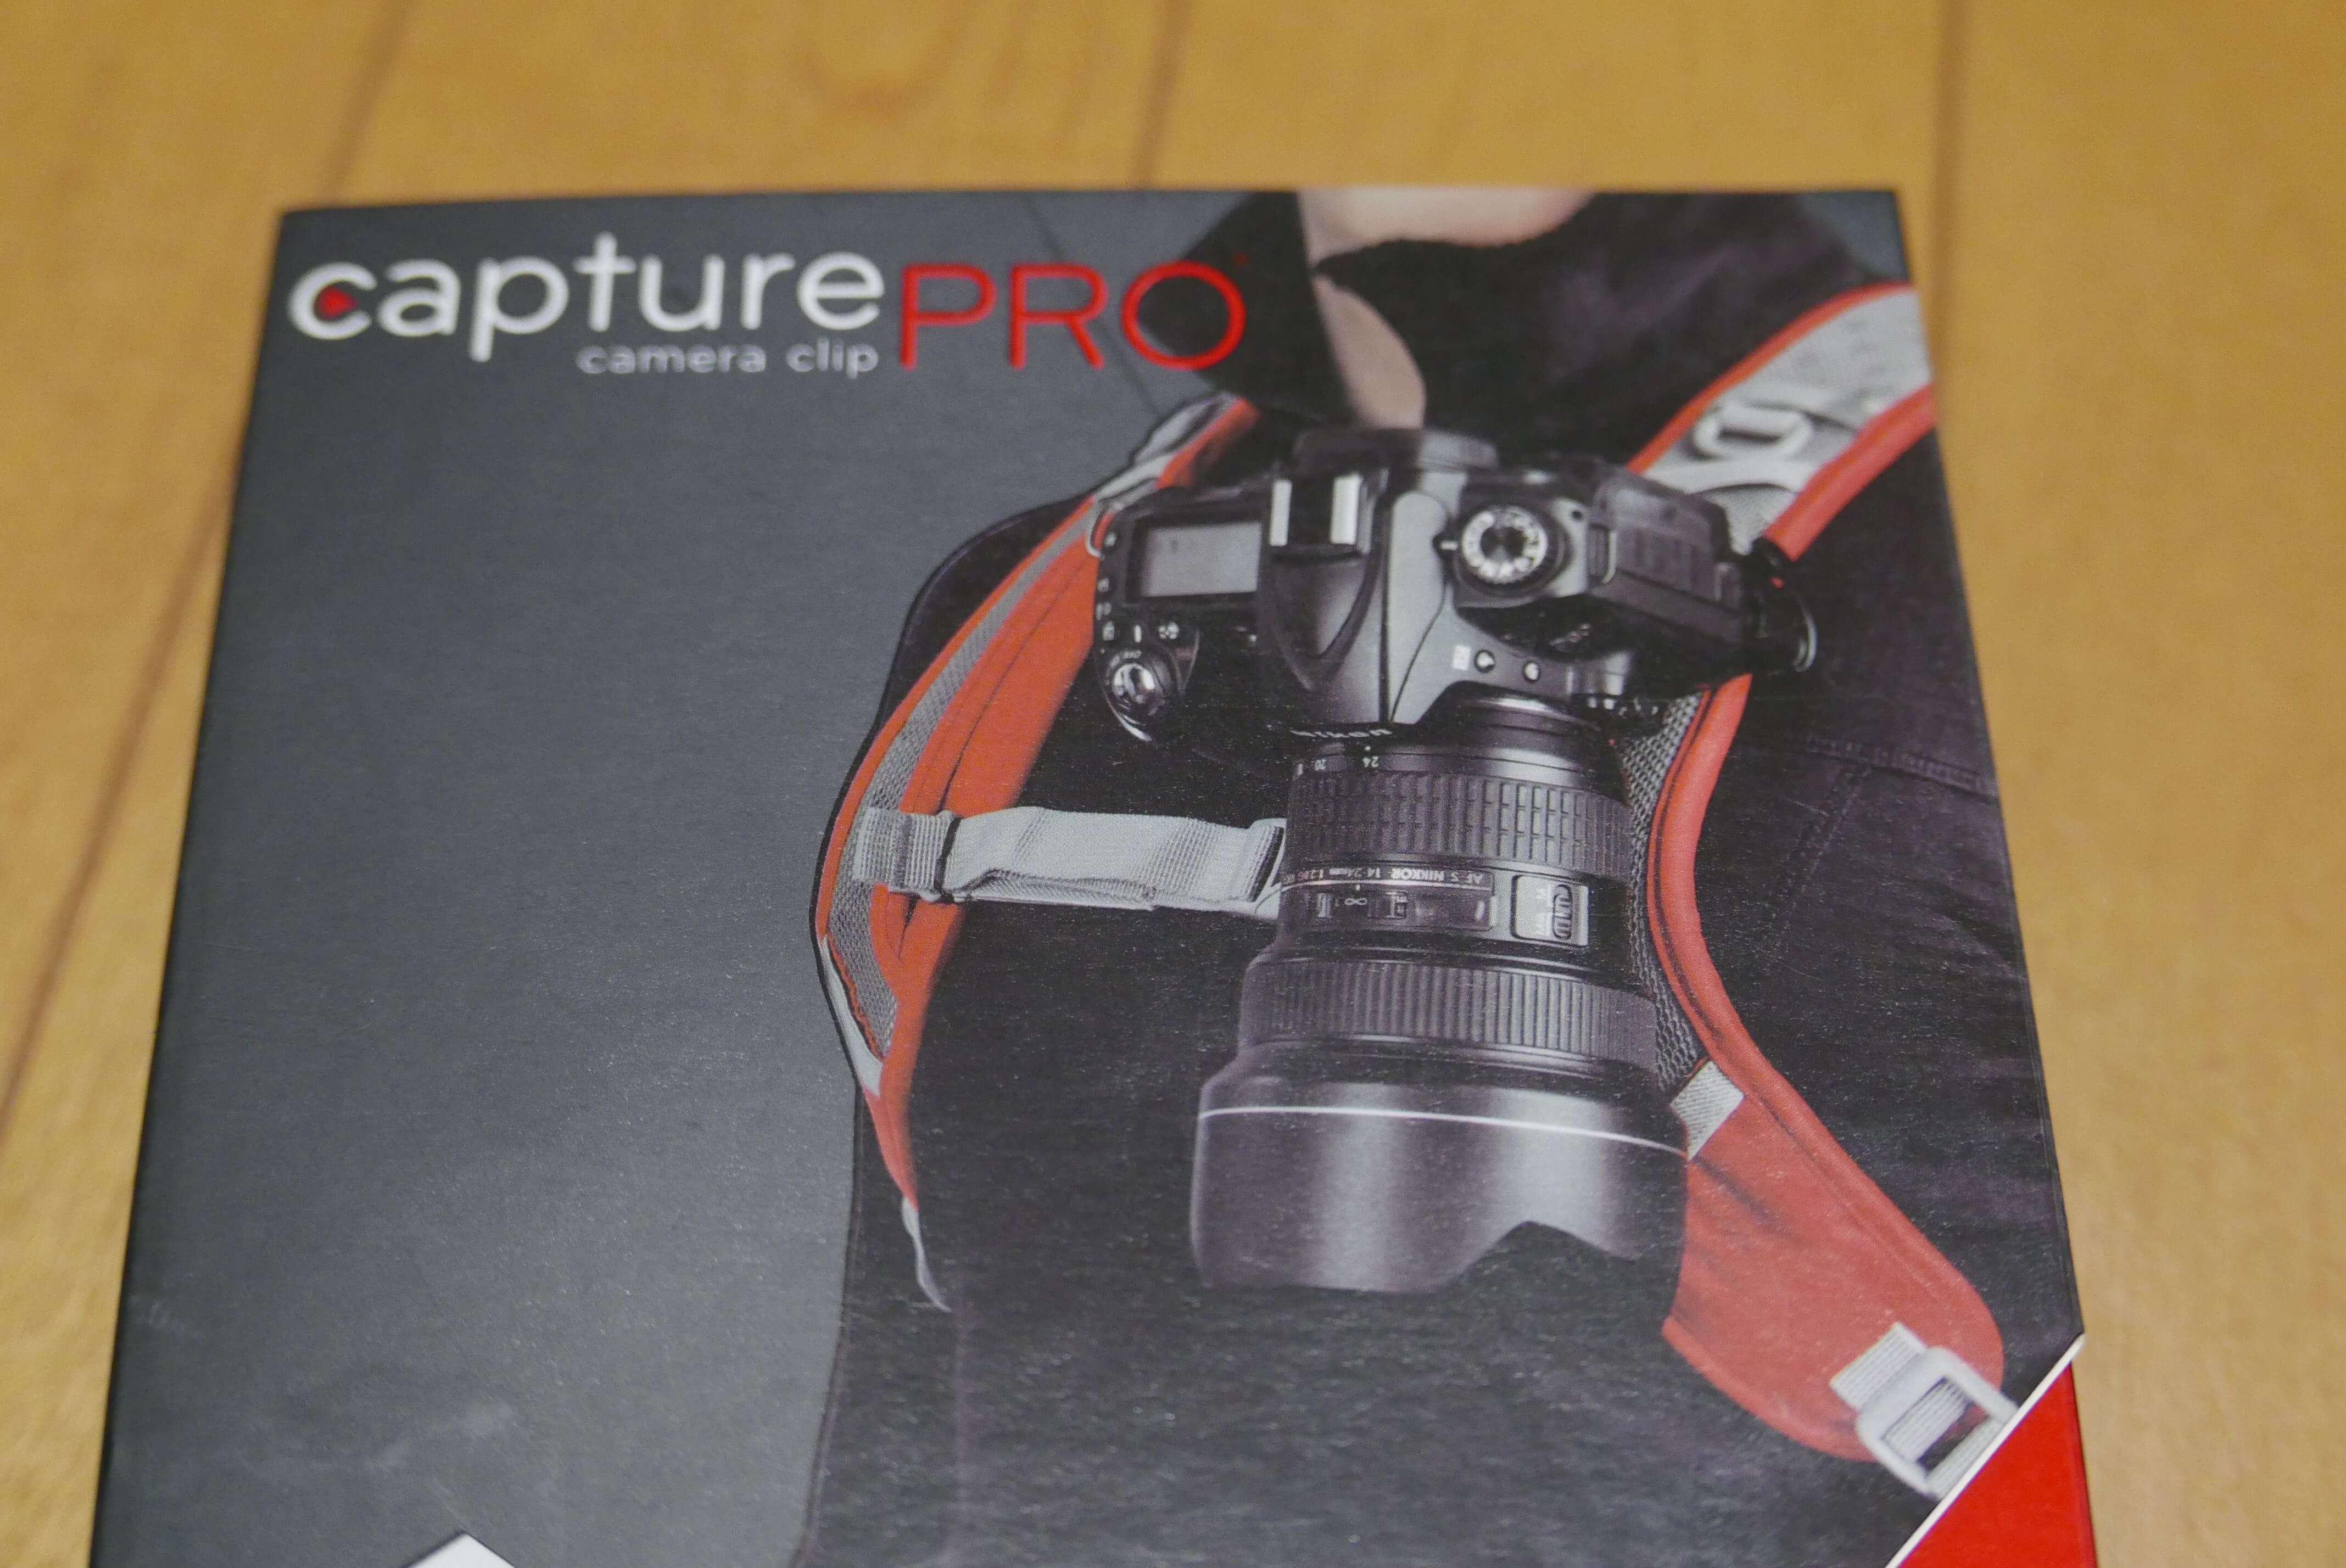 山登りにカメラを持っていくのにめちゃくちゃ便利!カメラクリップのキャプチャープロの紹介。